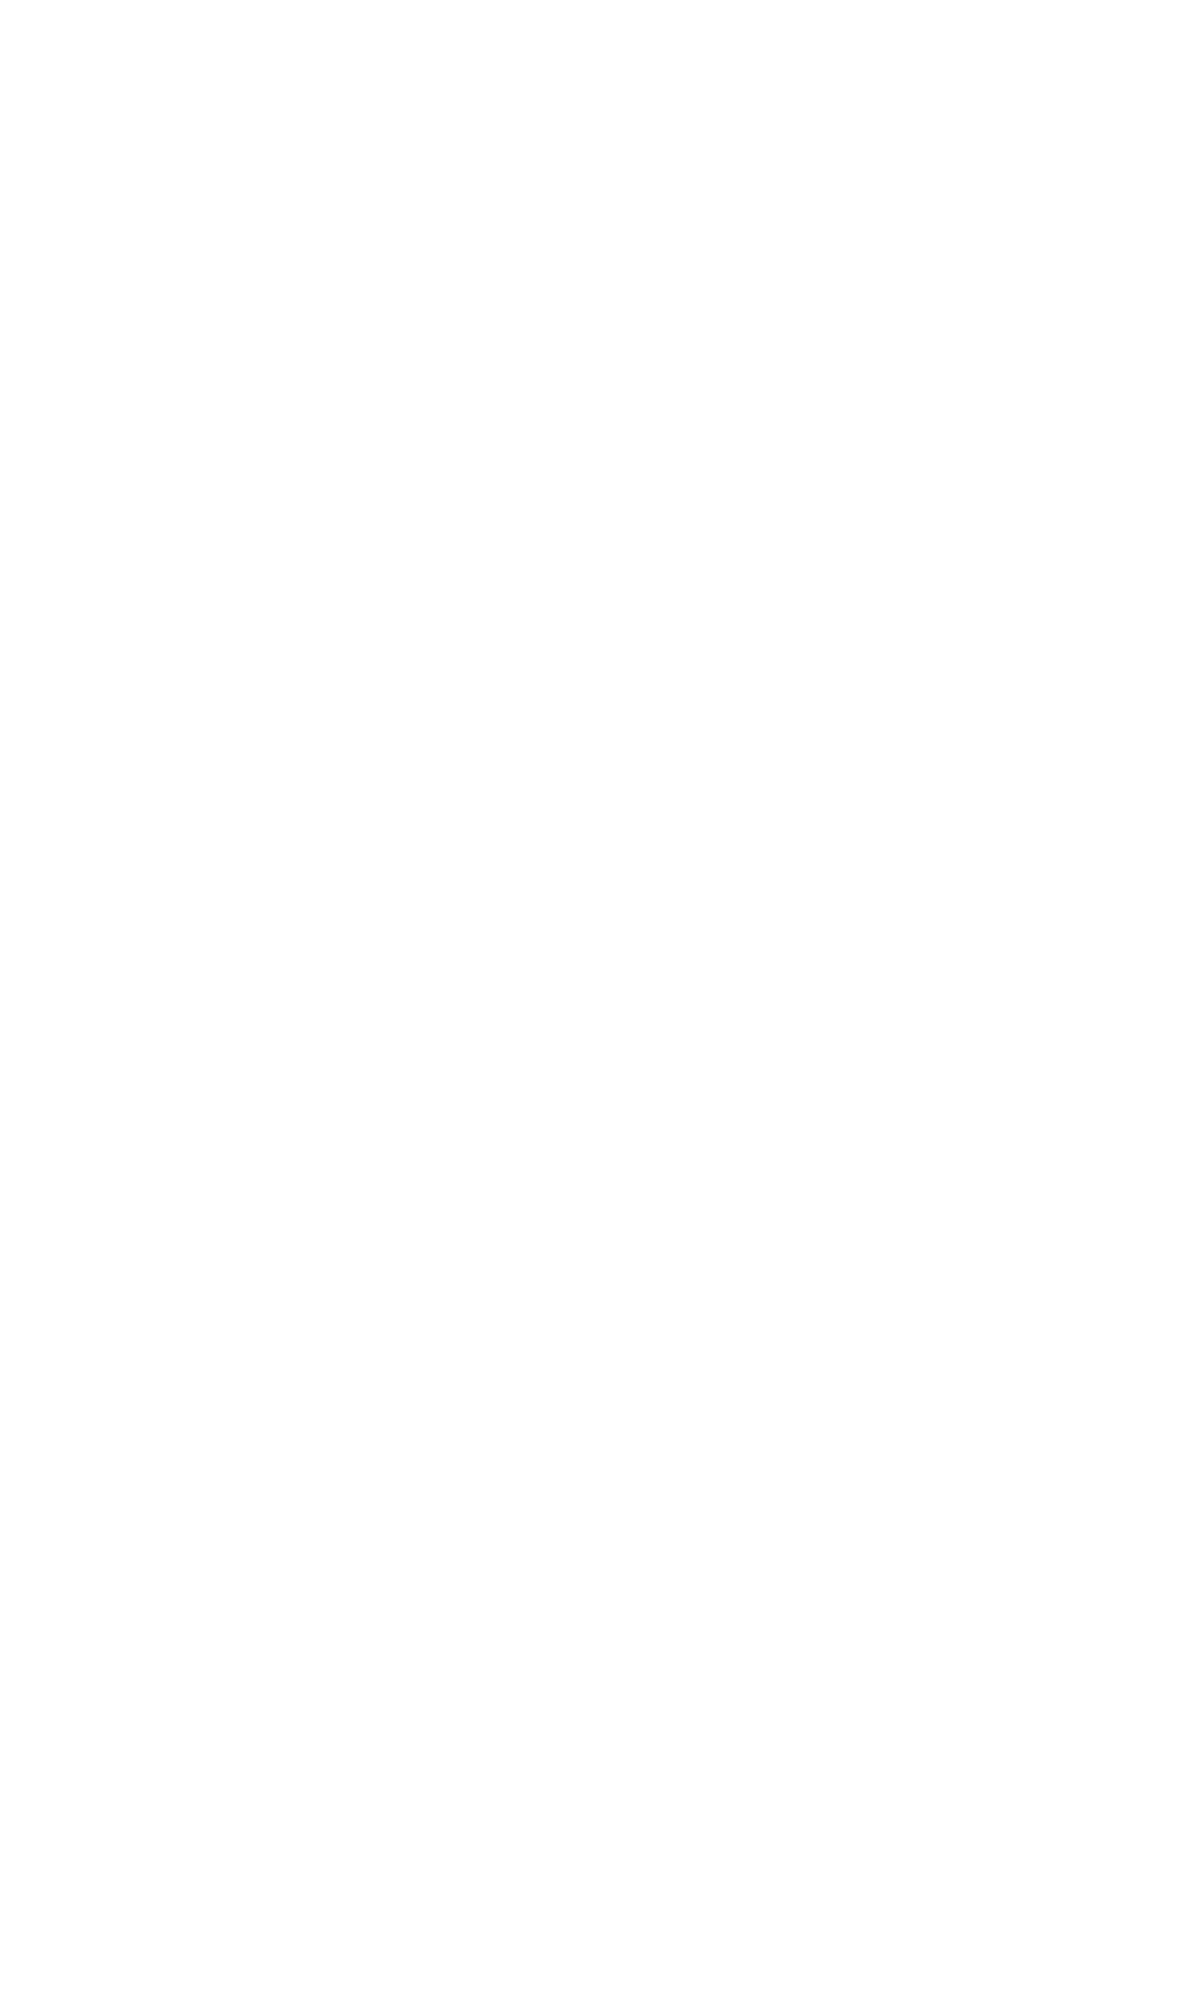 SILEXA Growler & Bottle Filler Technical Drawing